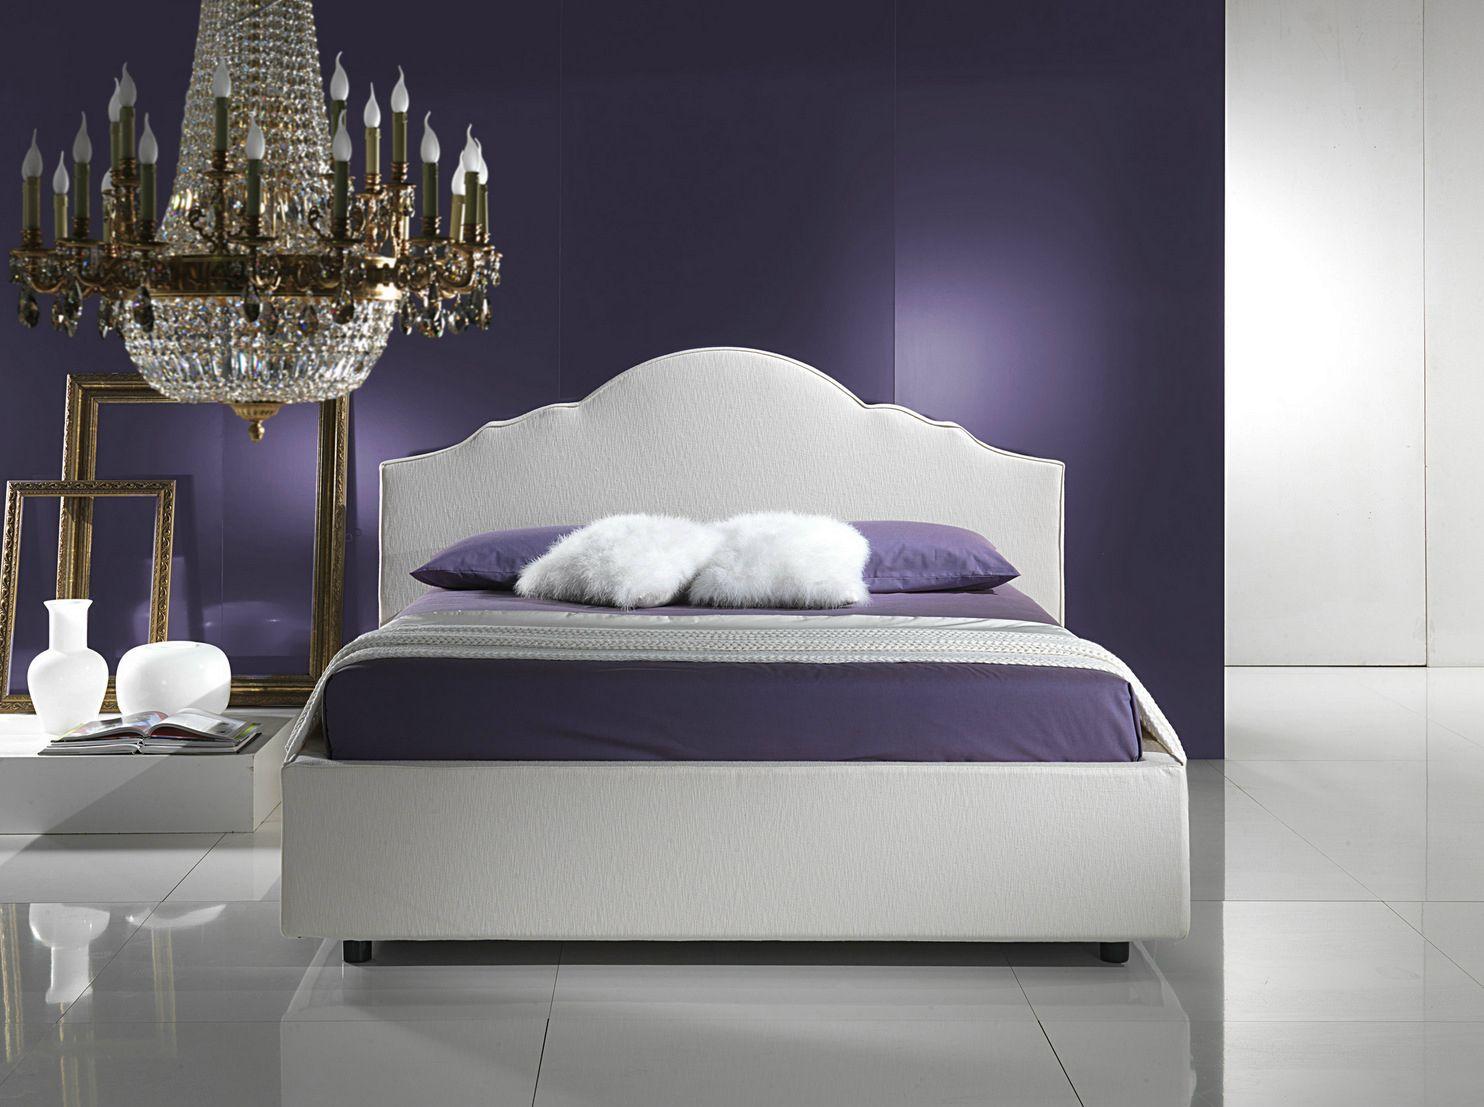 cama doble con funda extrable con cabecera tapizada tiffany by bodema diseo adriano castiglioni